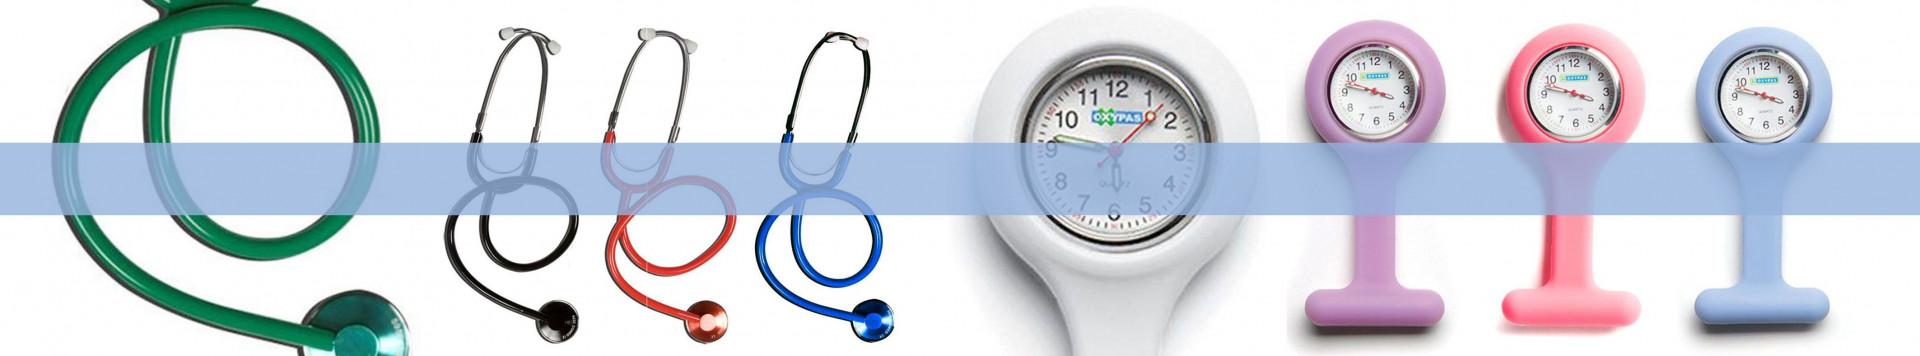 Matériel médical, stéthoscope, montre infirmière, gants à usage unique.